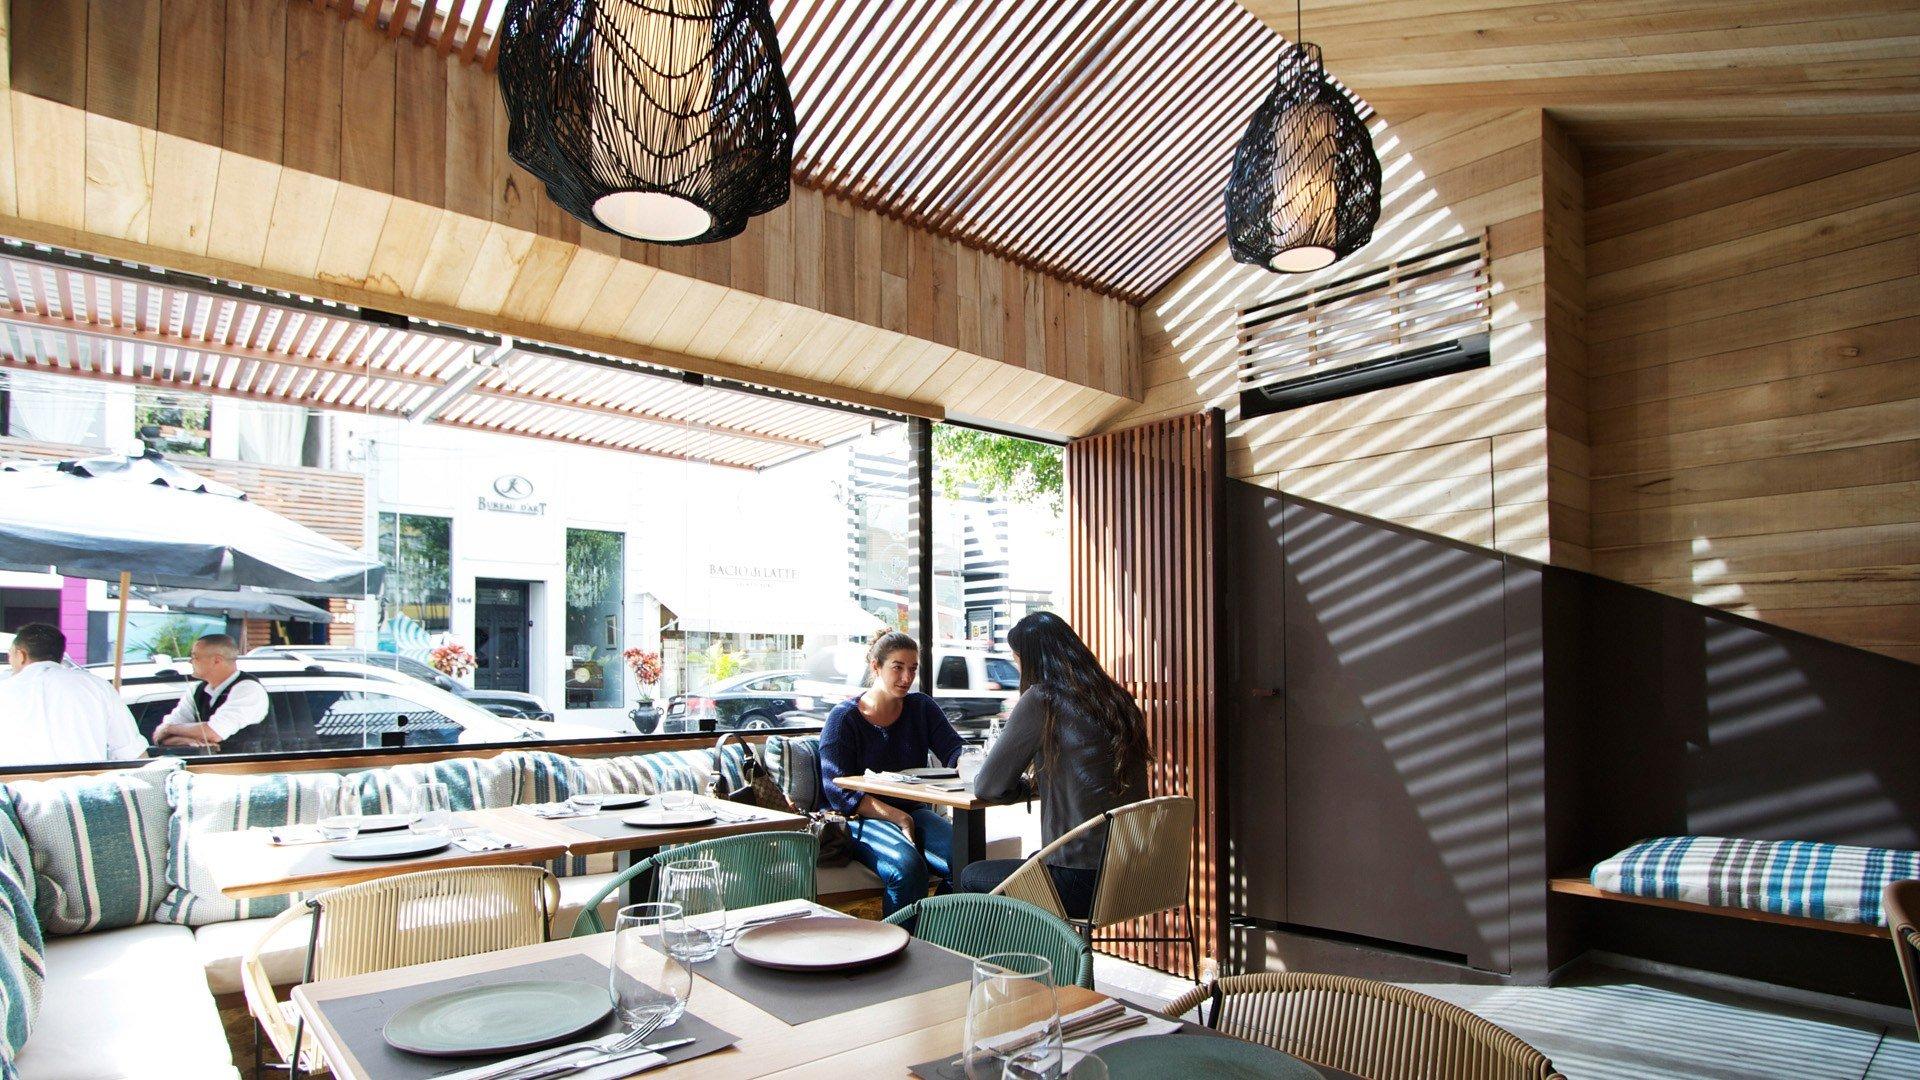 5.restaurante-tanit-interna-diurna-5